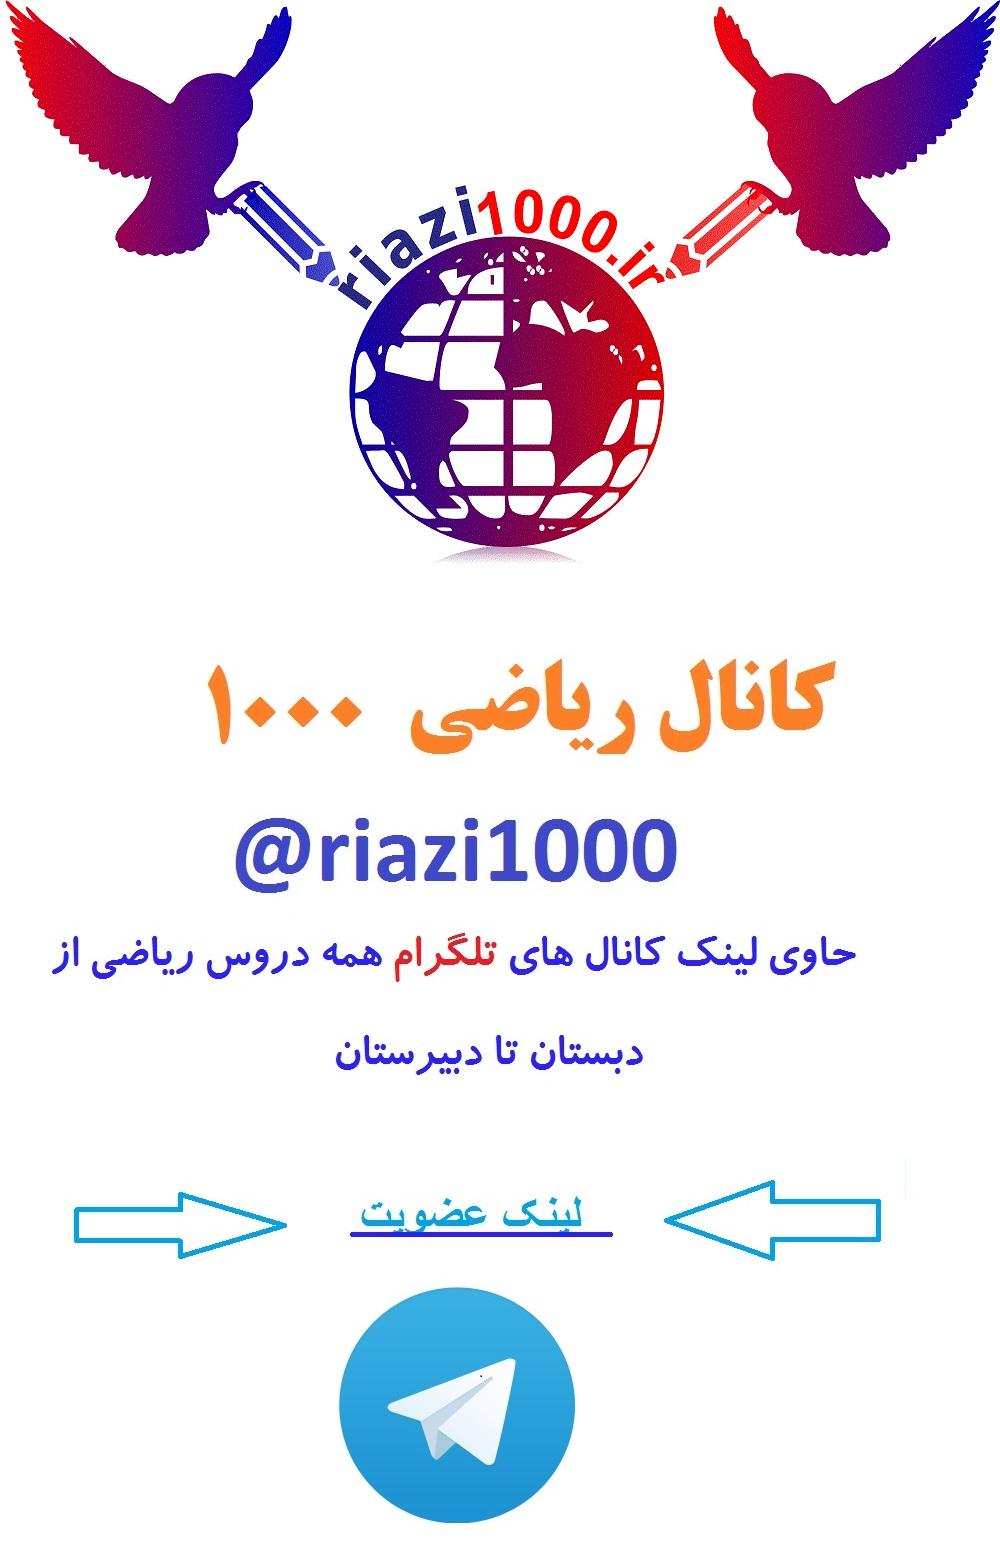 کانال ریاضی در تلگرام